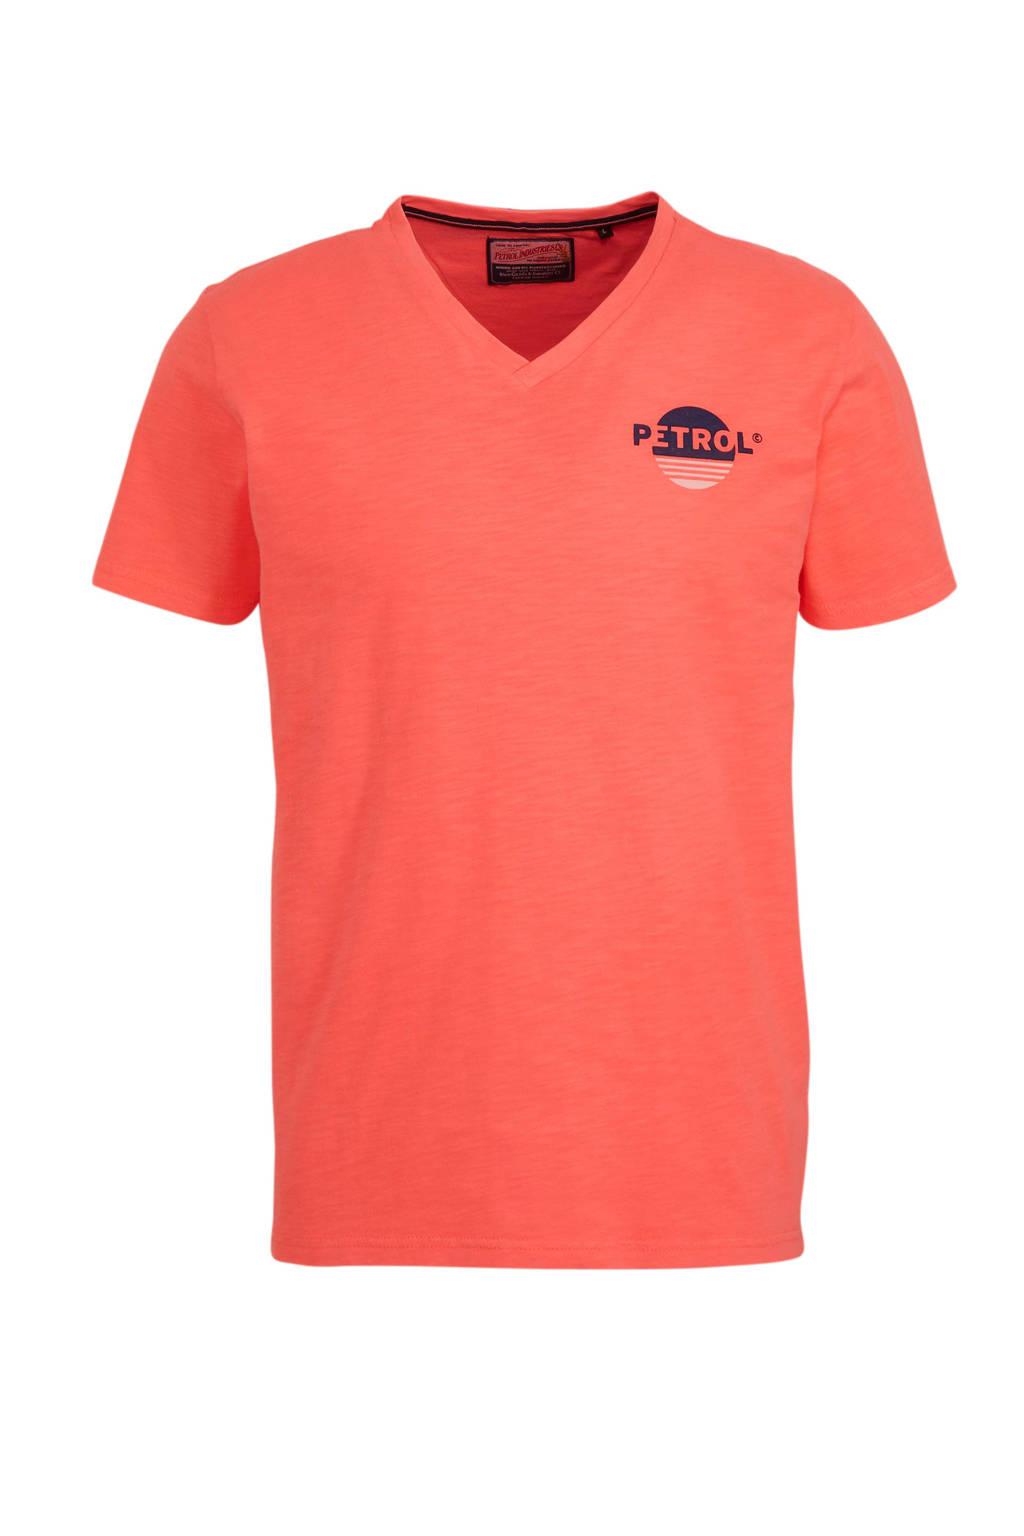 Petrol Industries T-shirt met printopdruk koraalrood, Koraalrood